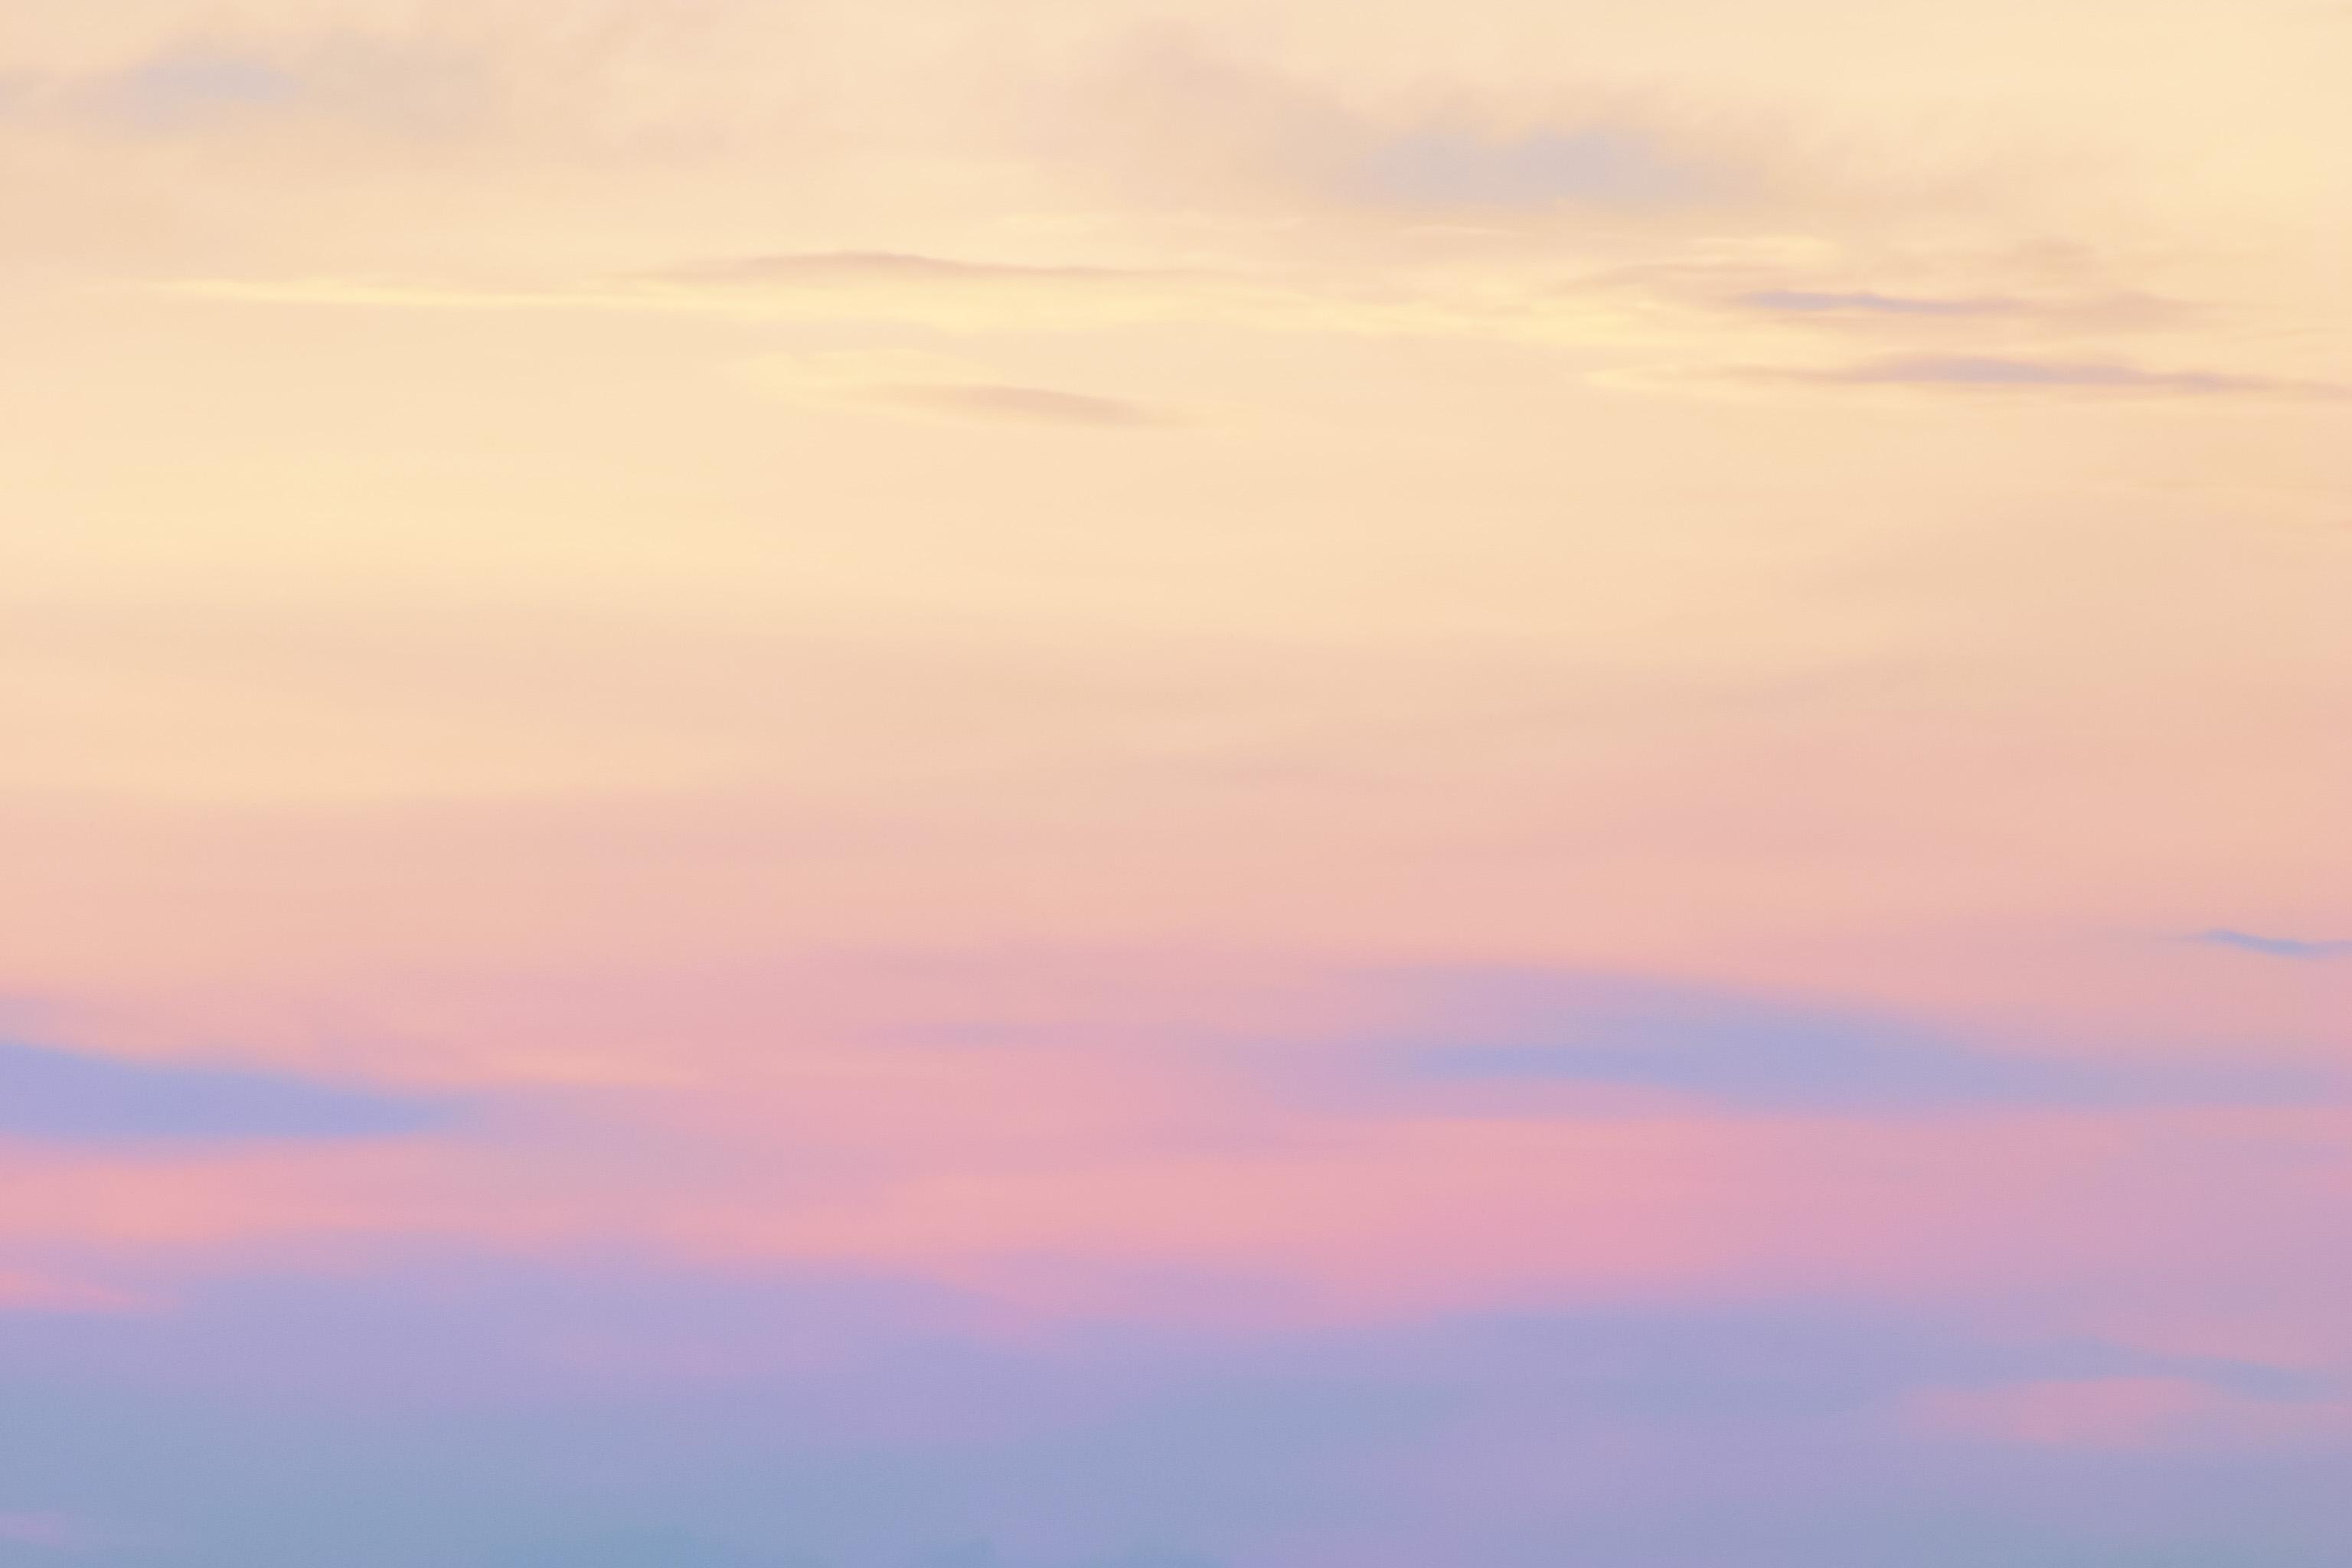 幻想的に美しい朝焼け Free Photos L/RGB/JPEG/350dpi